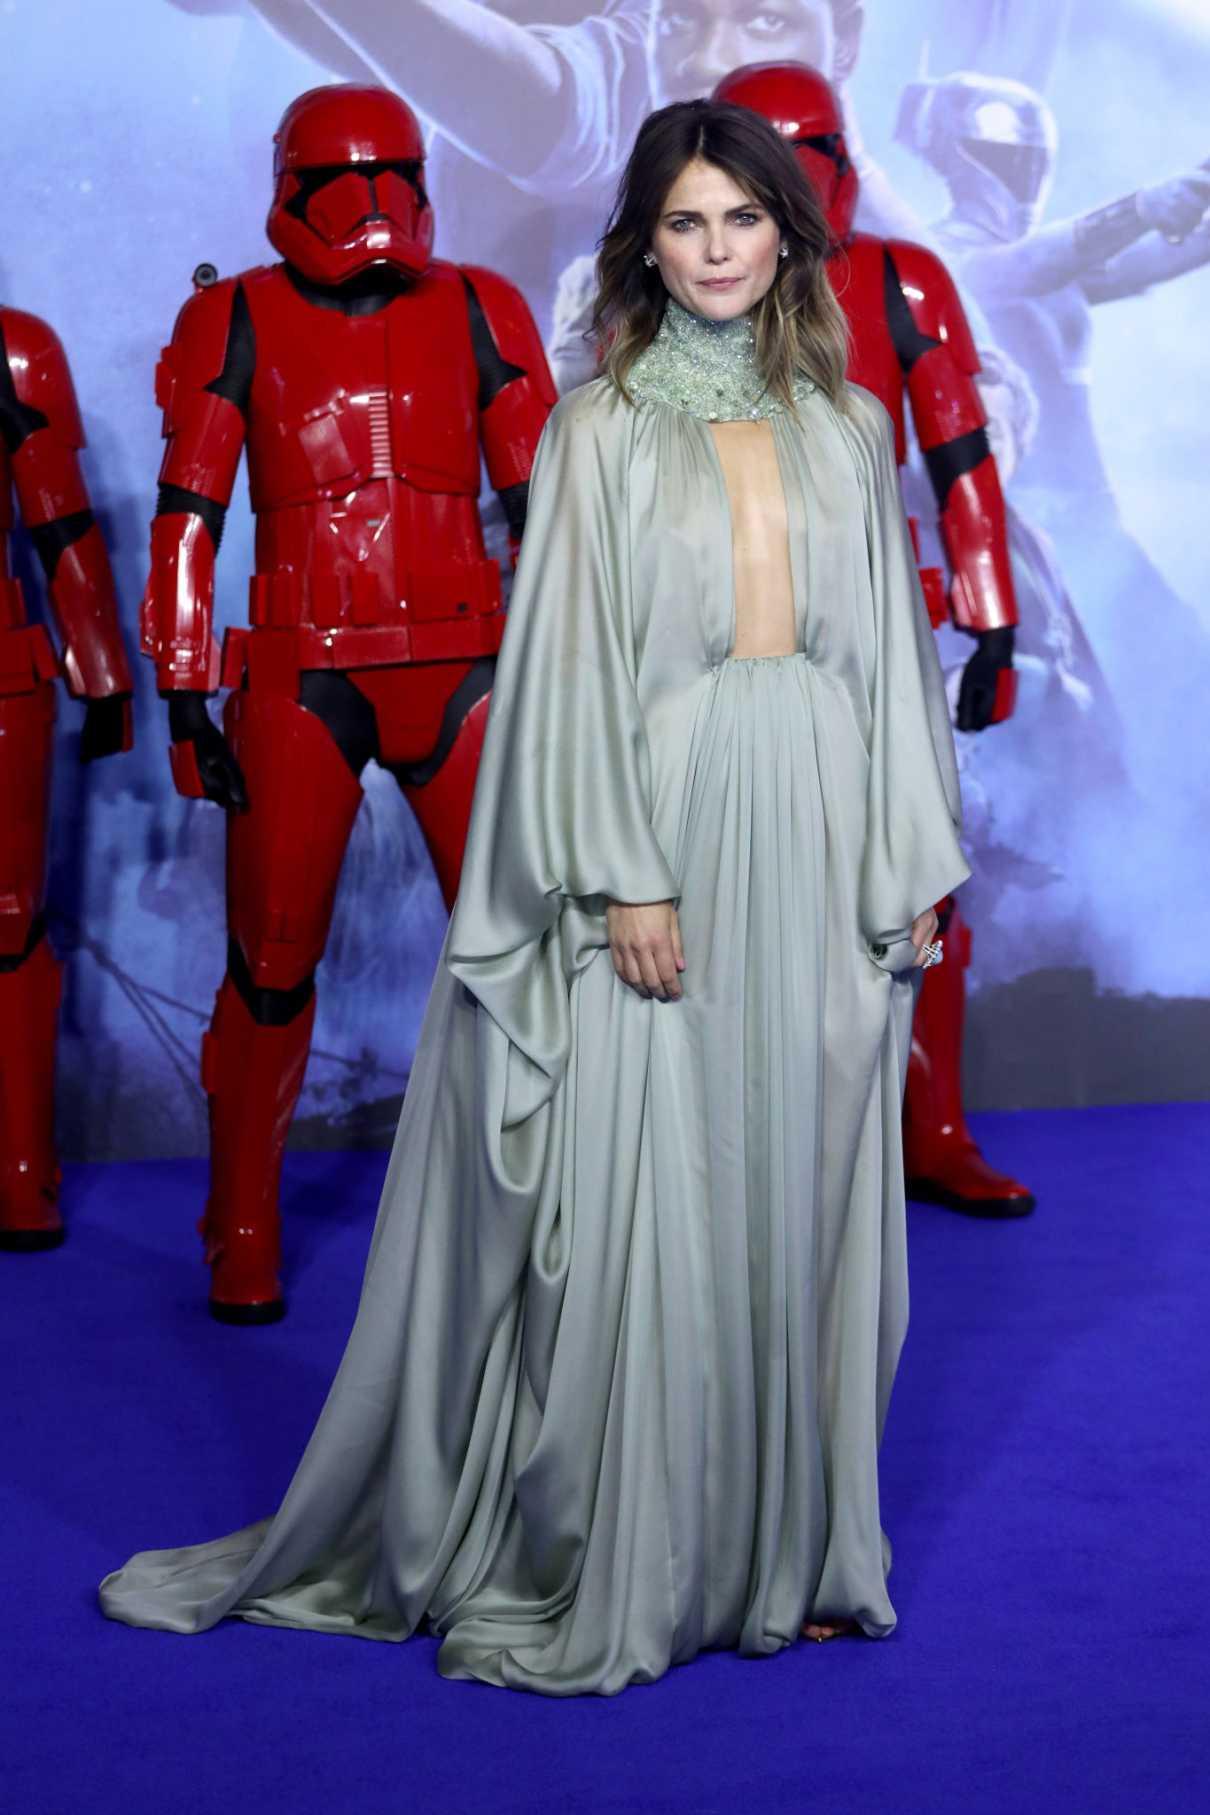 Keri Russell Attends Star Wars The Rise Of Skywalker Premiere In London 12 18 2019 Lacelebs Co